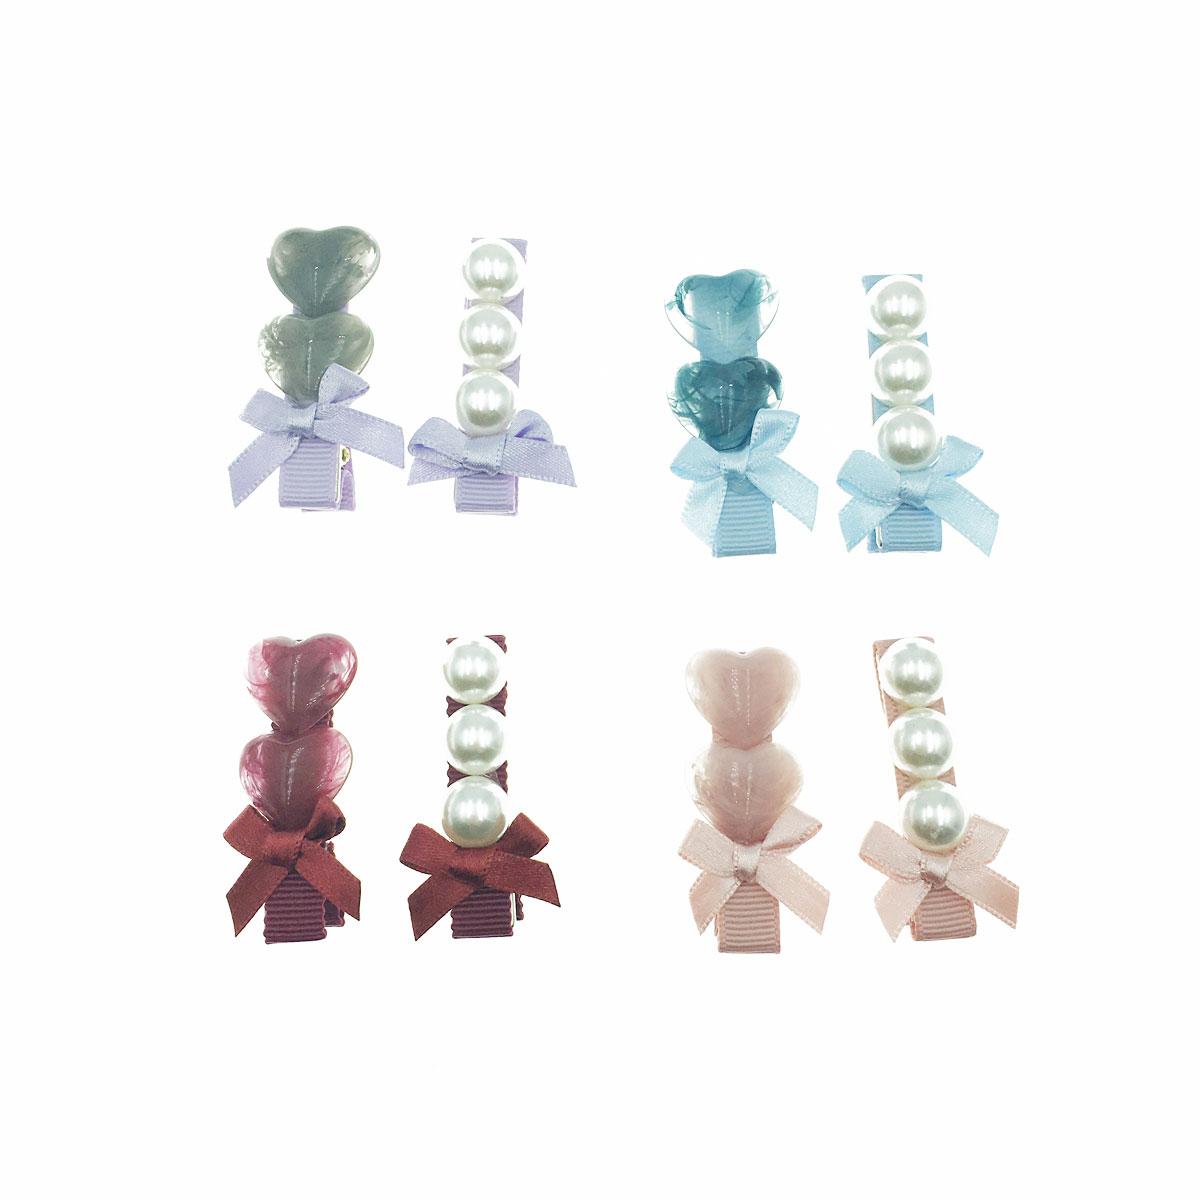 韓國 愛心 珍珠 蝴蝶結 暈染 不對稱 四色 二入一組 壓夾 髮夾 髮飾